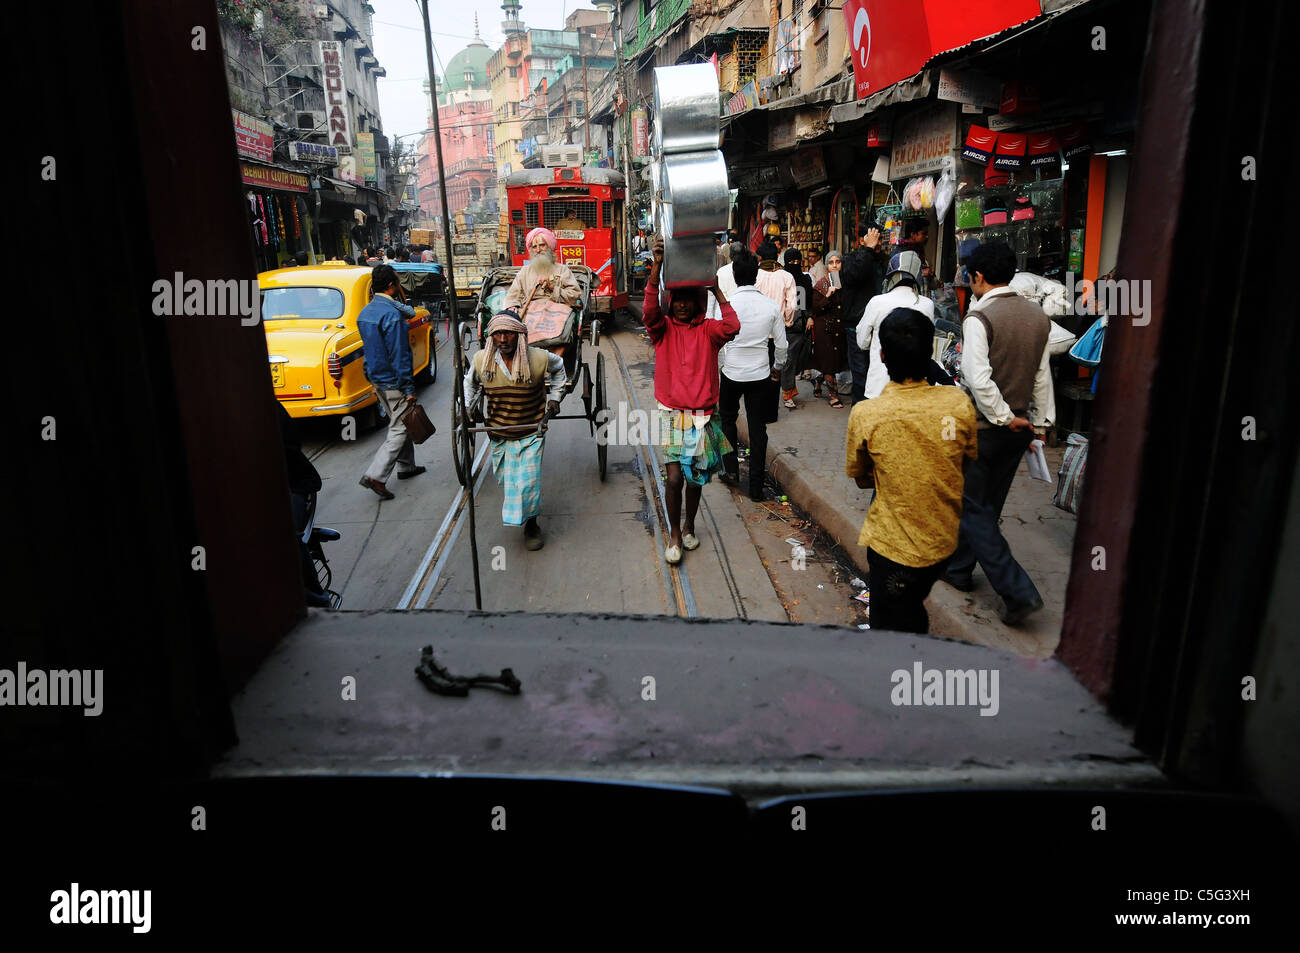 A street scene in Kolkata, India - Stock Image